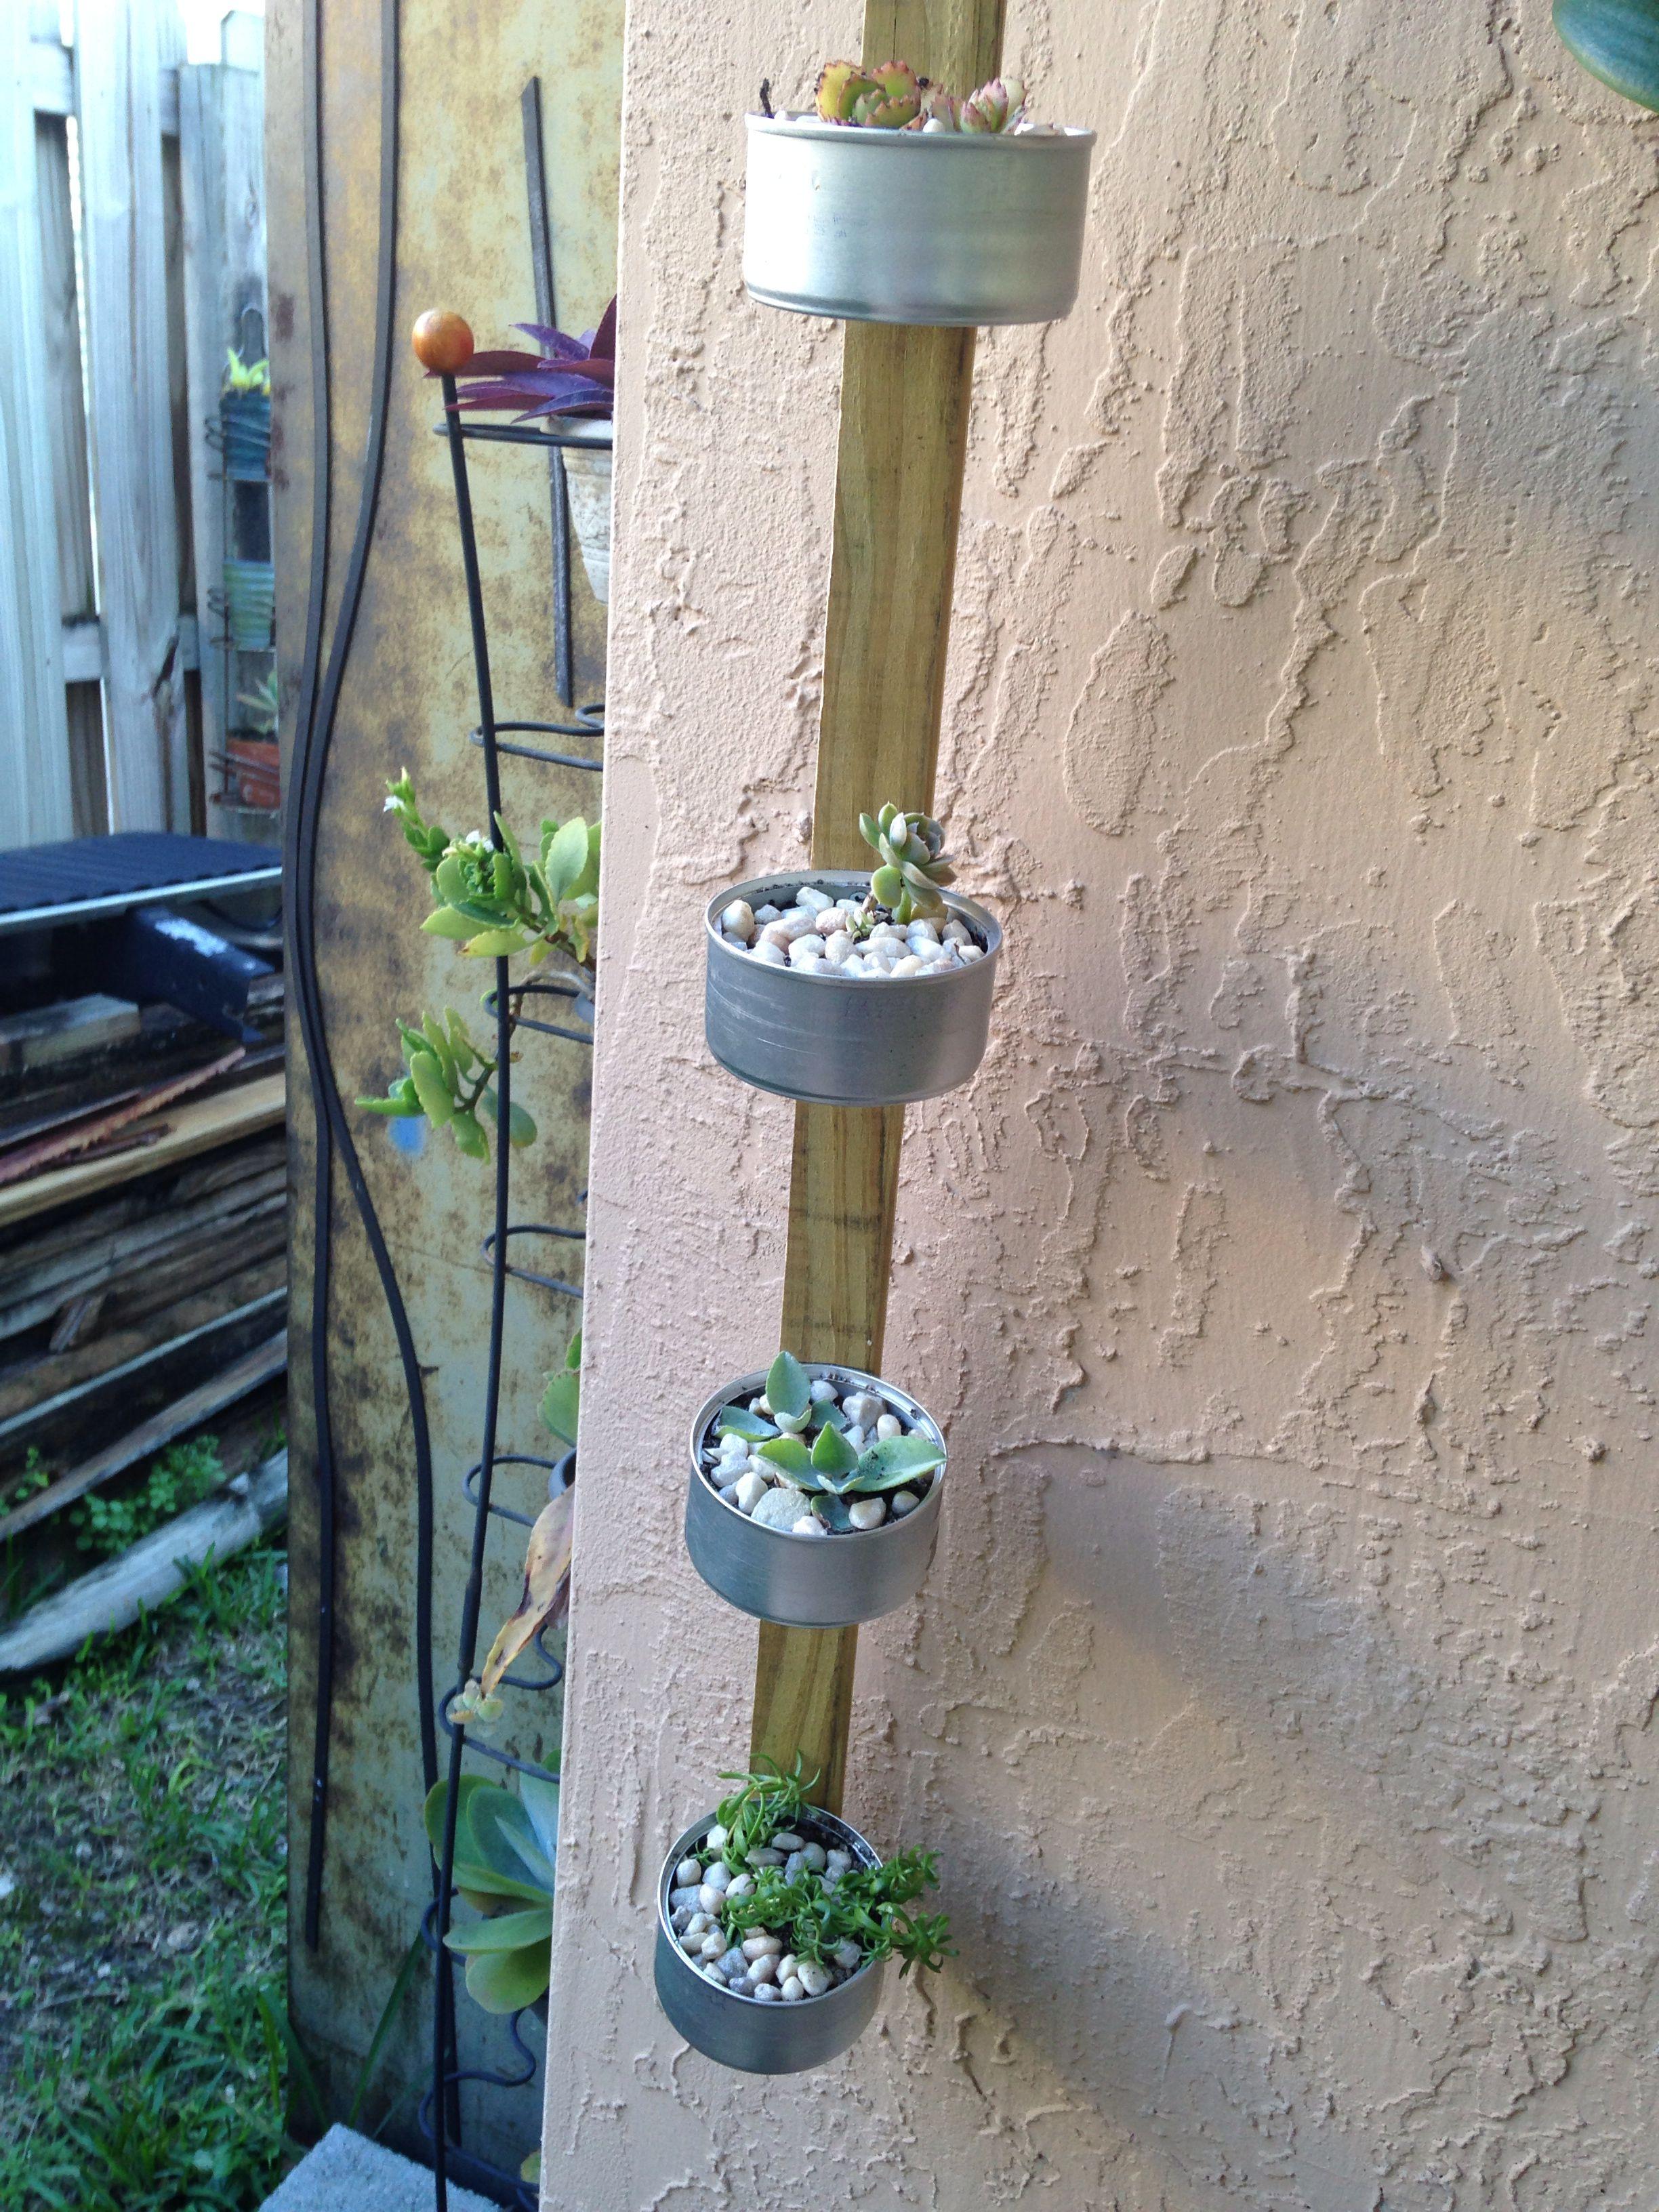 Para plantar cactus: Yo uso latas de comida de mi gato y las pego en una madera , le hecho tierra ,piedras pequeñas  y siembro los cactus.